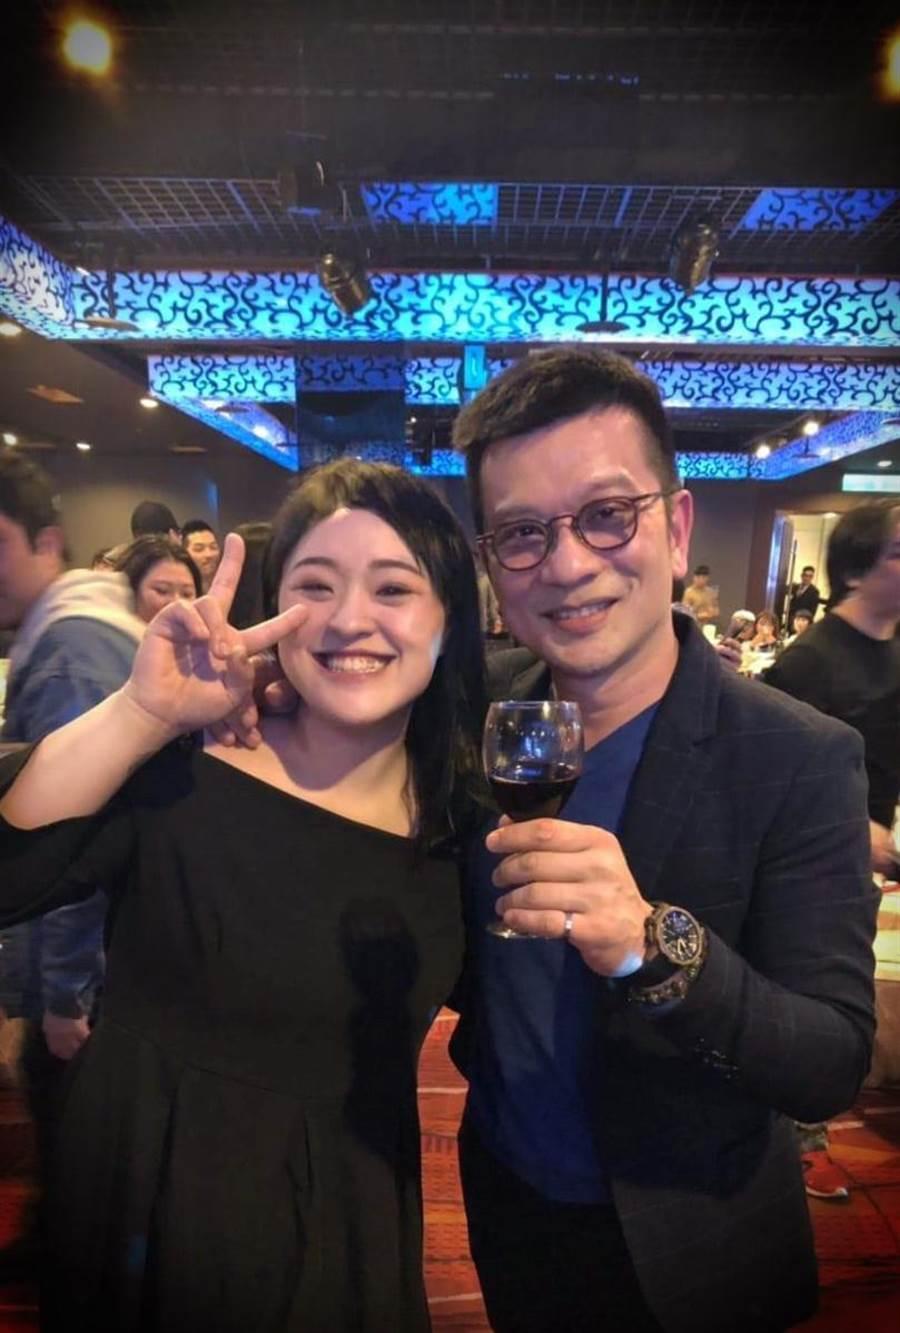 緣分連三次遇陳子鴻當評審  慧眼獨具簽下她「這個女生太會唱」